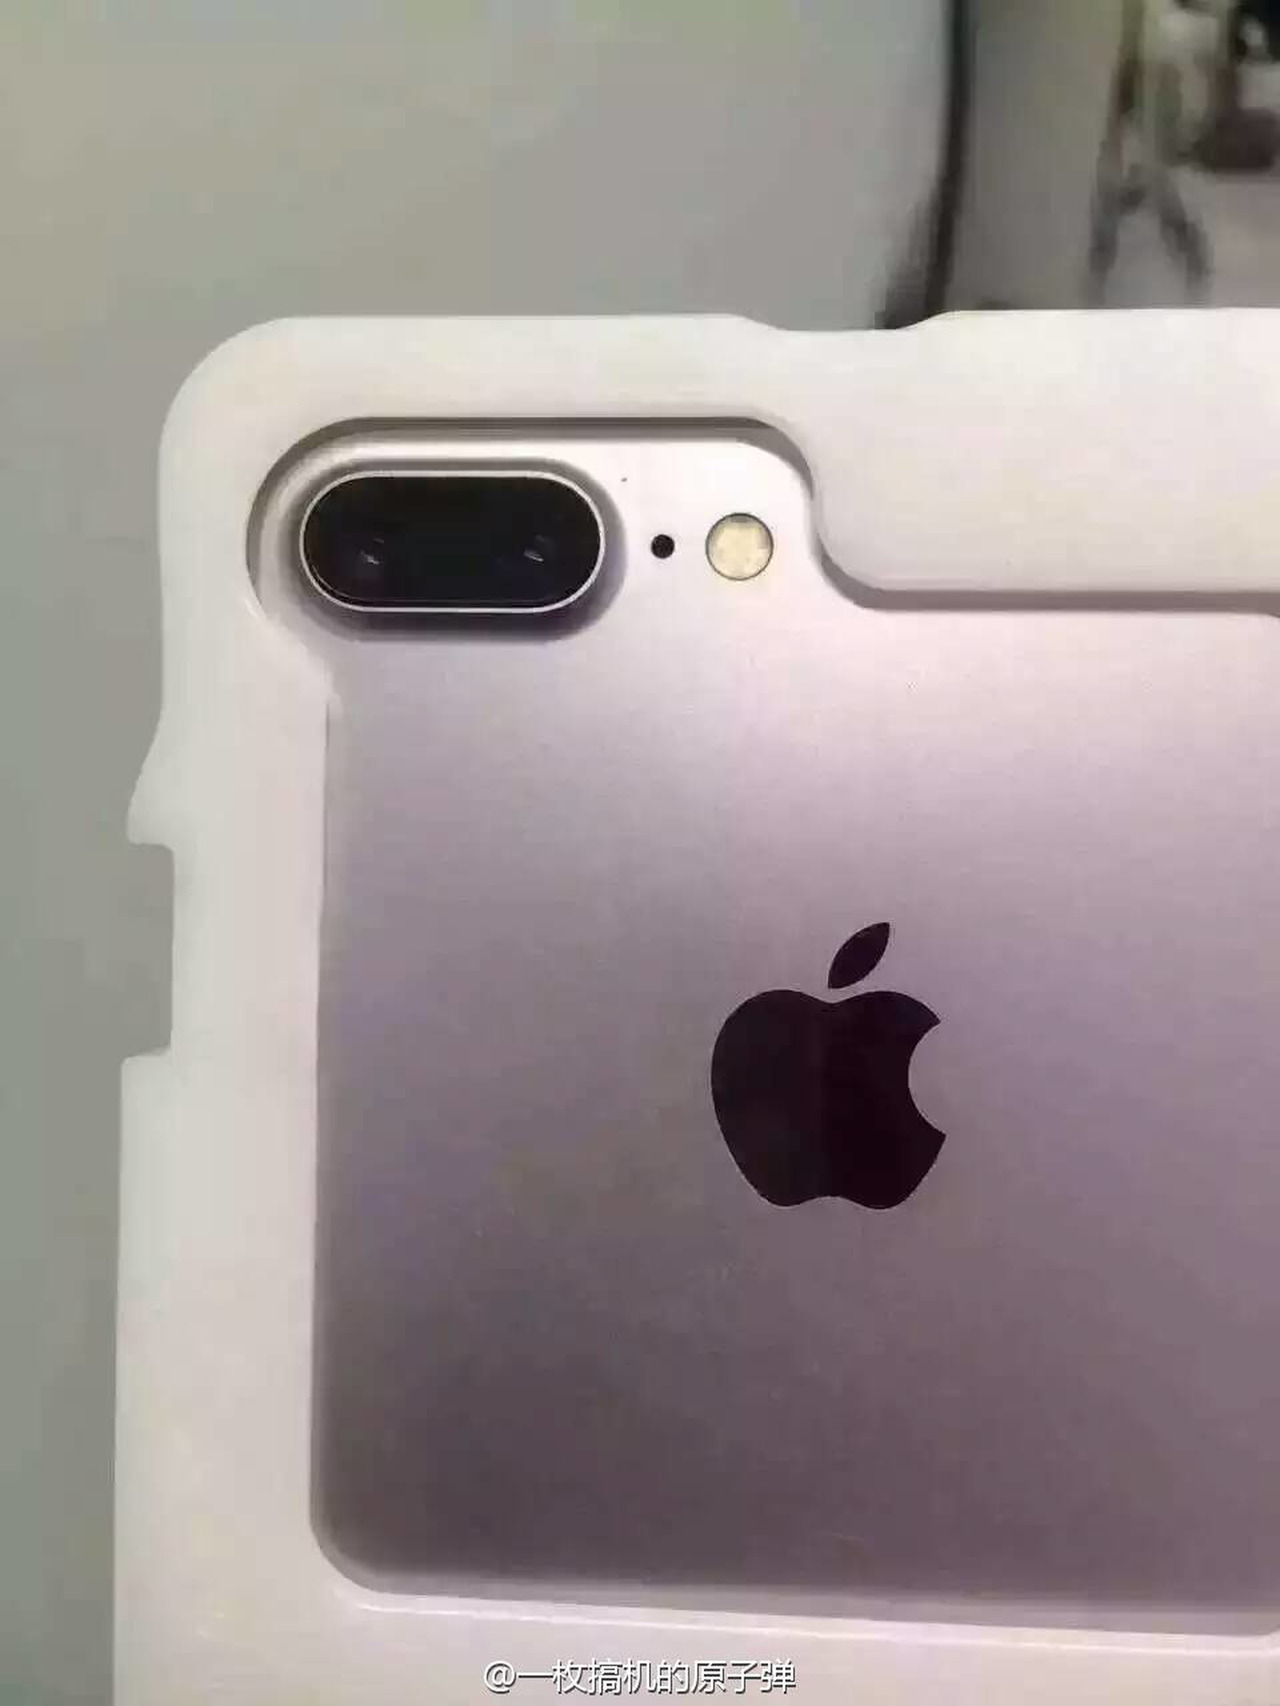 iphone7-plus-dual-camera